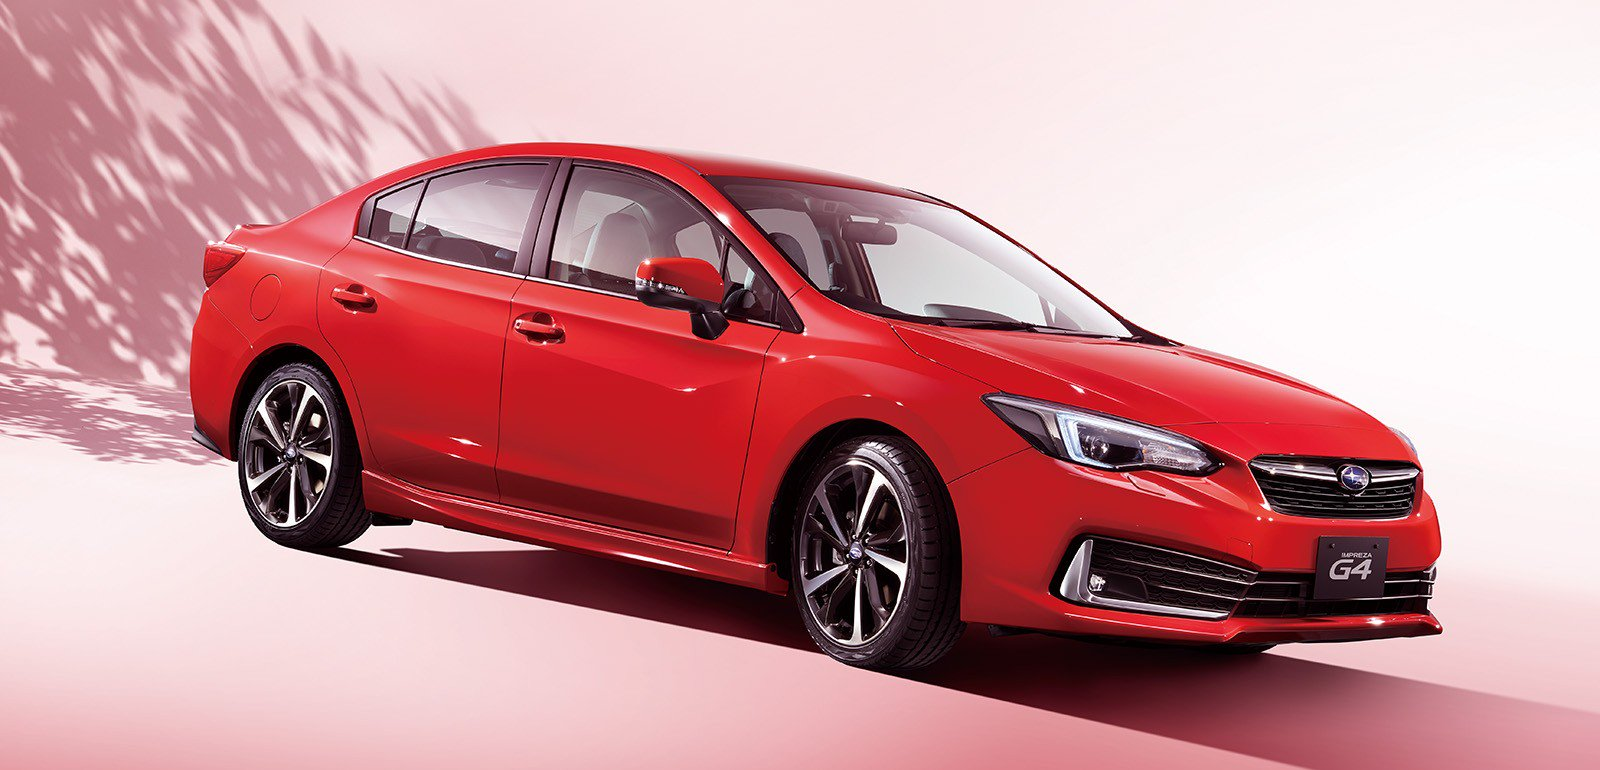 Subaru-Impreza-facelift-14